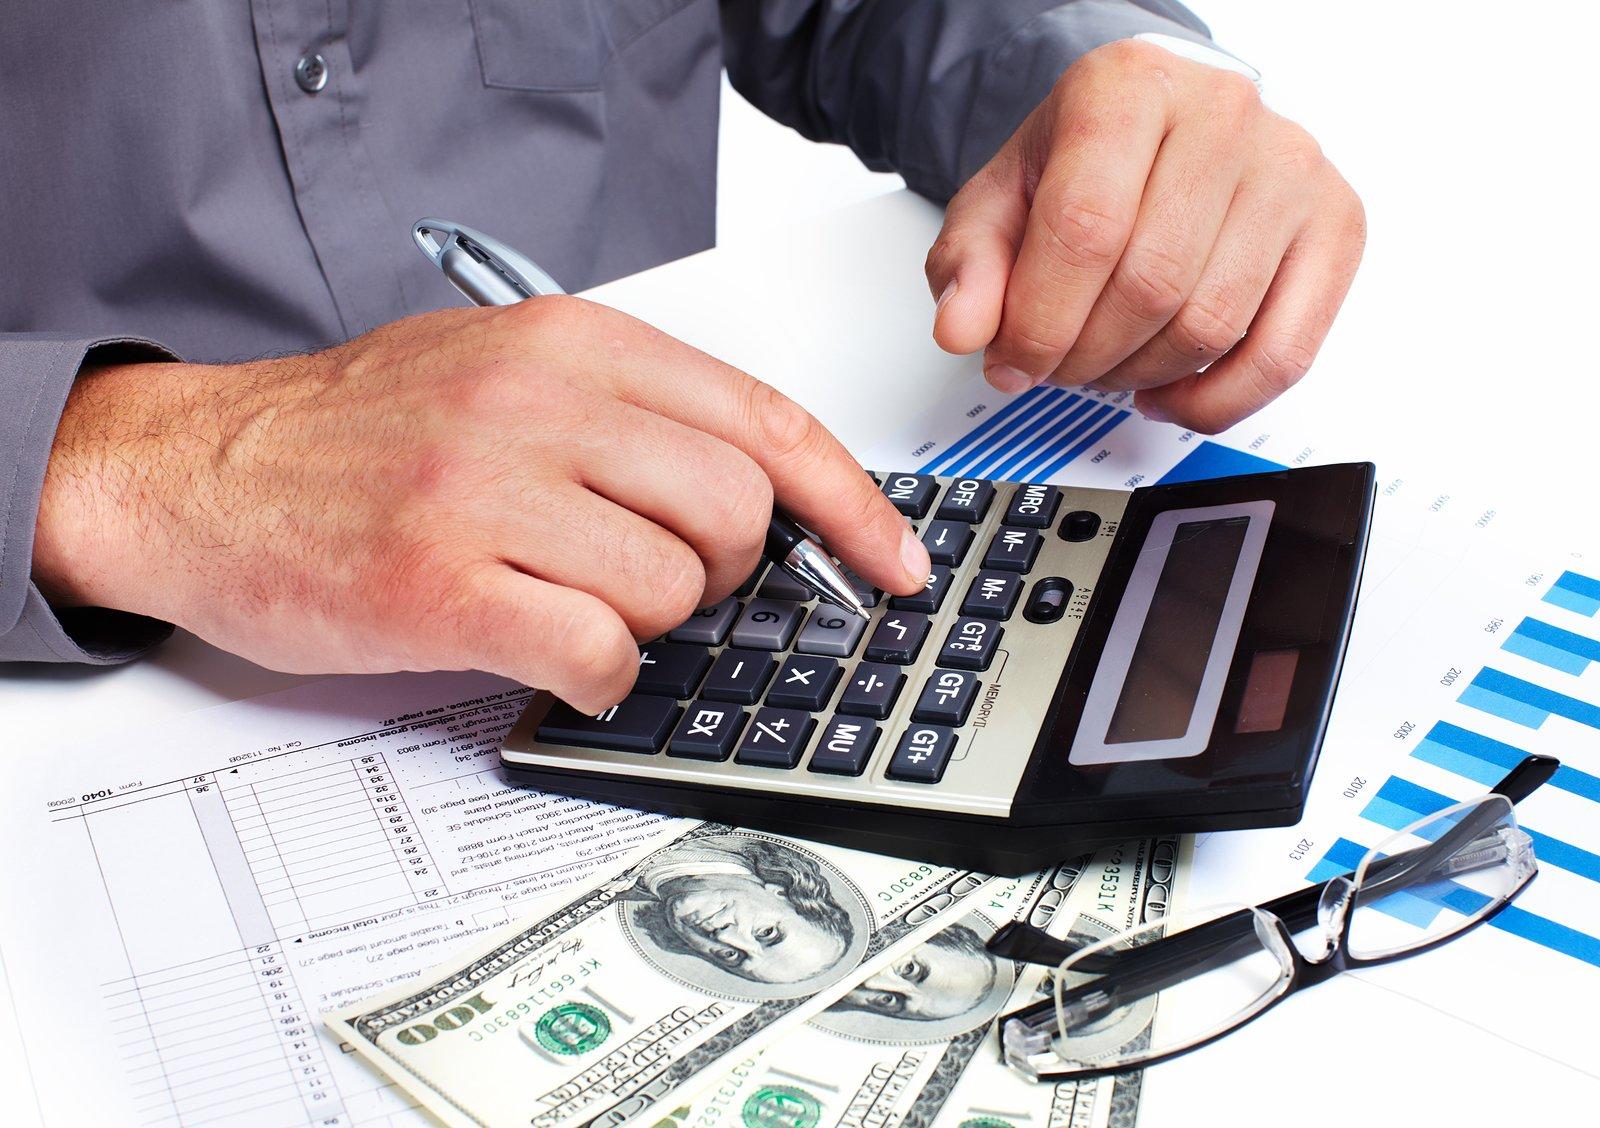 Взять кредит на погашение других кредитов по заявке